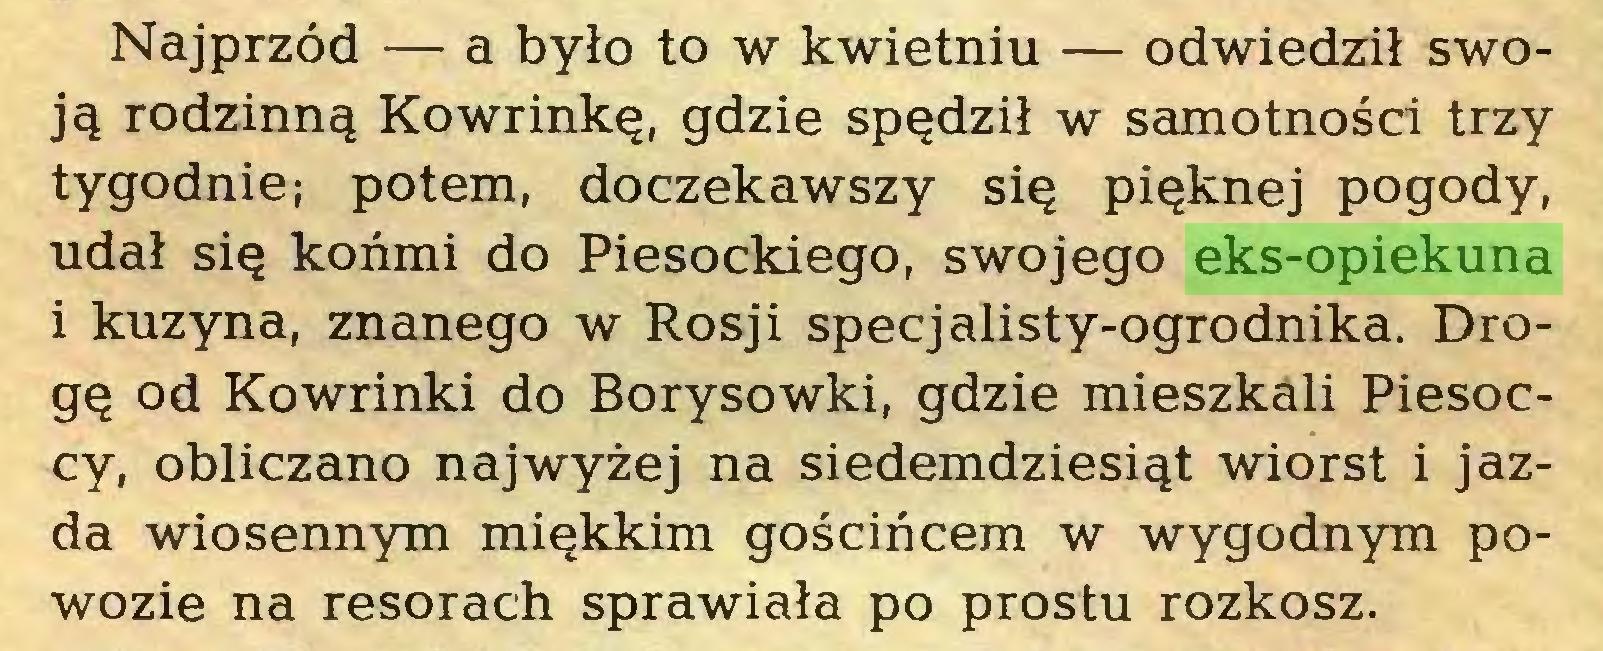 (...) Najprzód — a było to w kwietniu — odwiedził swoją rodzinną Kowrinkę, gdzie spędził w samotności trzy tygodnie; potem, doczekawszy się pięknej pogody, udał się końmi do Piesockiego, swojego eks-opiekuna 1 kuzyna, znanego w Rosji specjalisty-ogrodnika. Drogę od Kowrinki do Borysowki, gdzie mieszkali Piesoccy, obliczano najwyżej na siedemdziesiąt wiorst i jazda wiosennym miękkim gościńcem w wygodnym powozie na resorach sprawiała po prostu rozkosz...